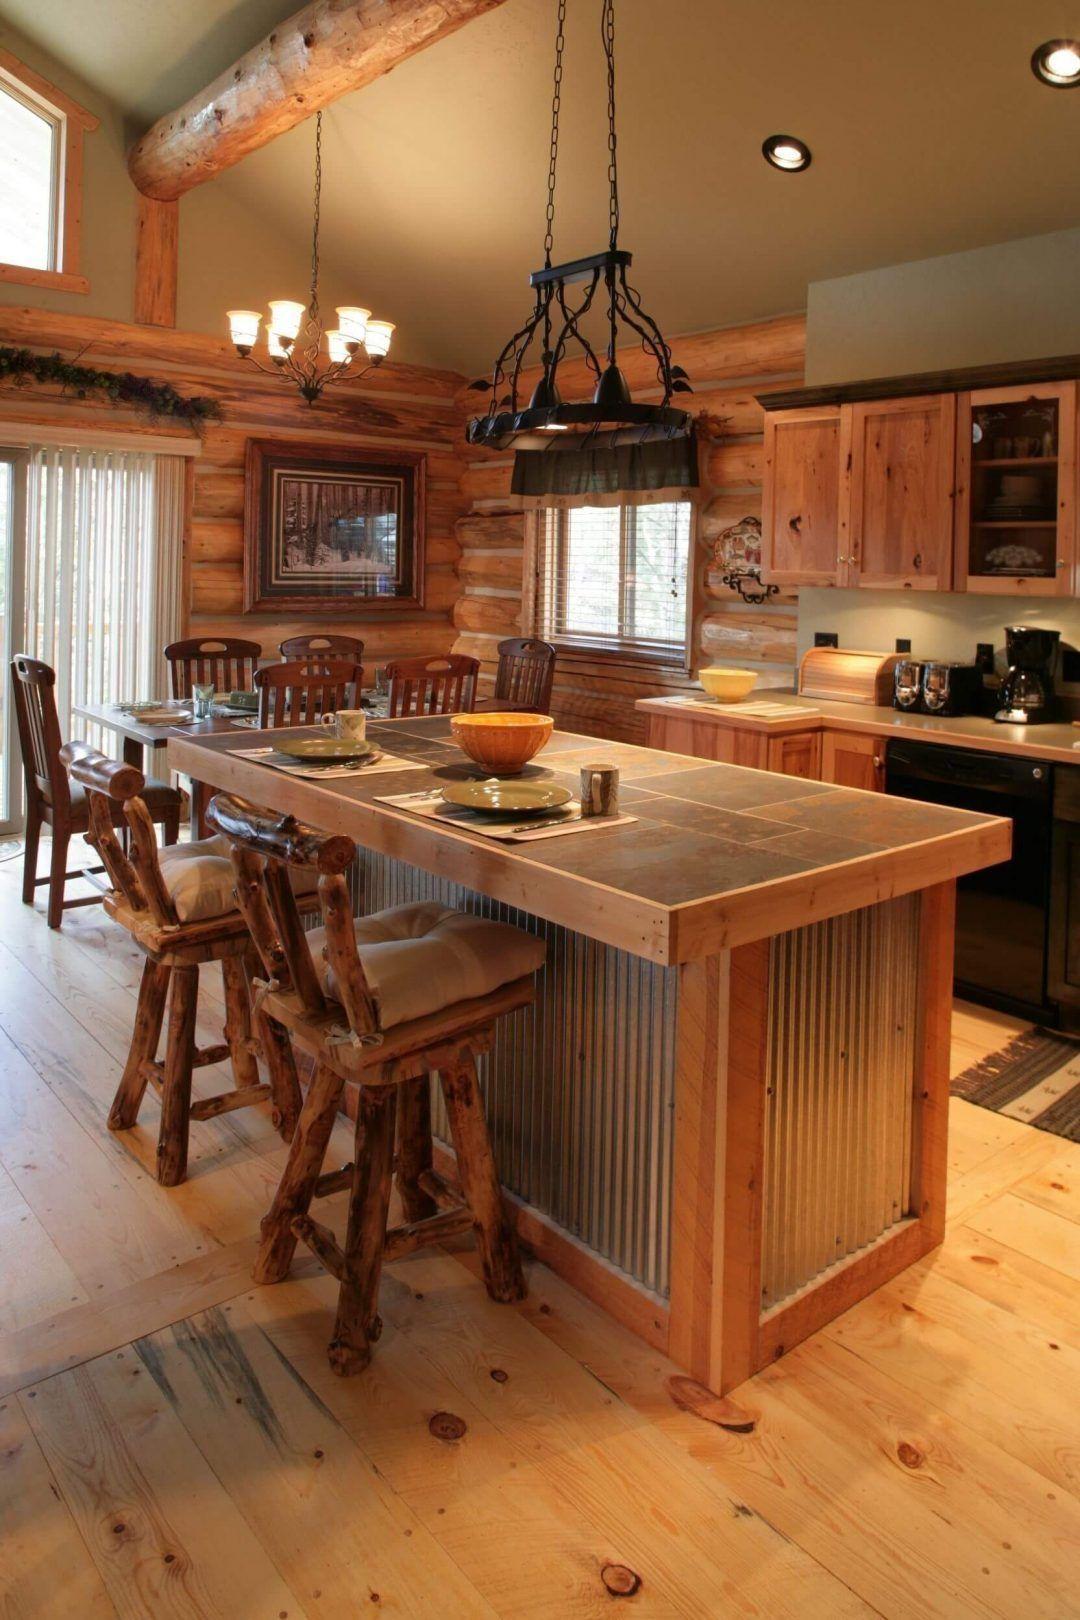 25 Stress-Free Rustic Kitchen Ideas (All Are Marvellous!) - 6877Be281783205F7736Cb0Fc3Dbaaeb